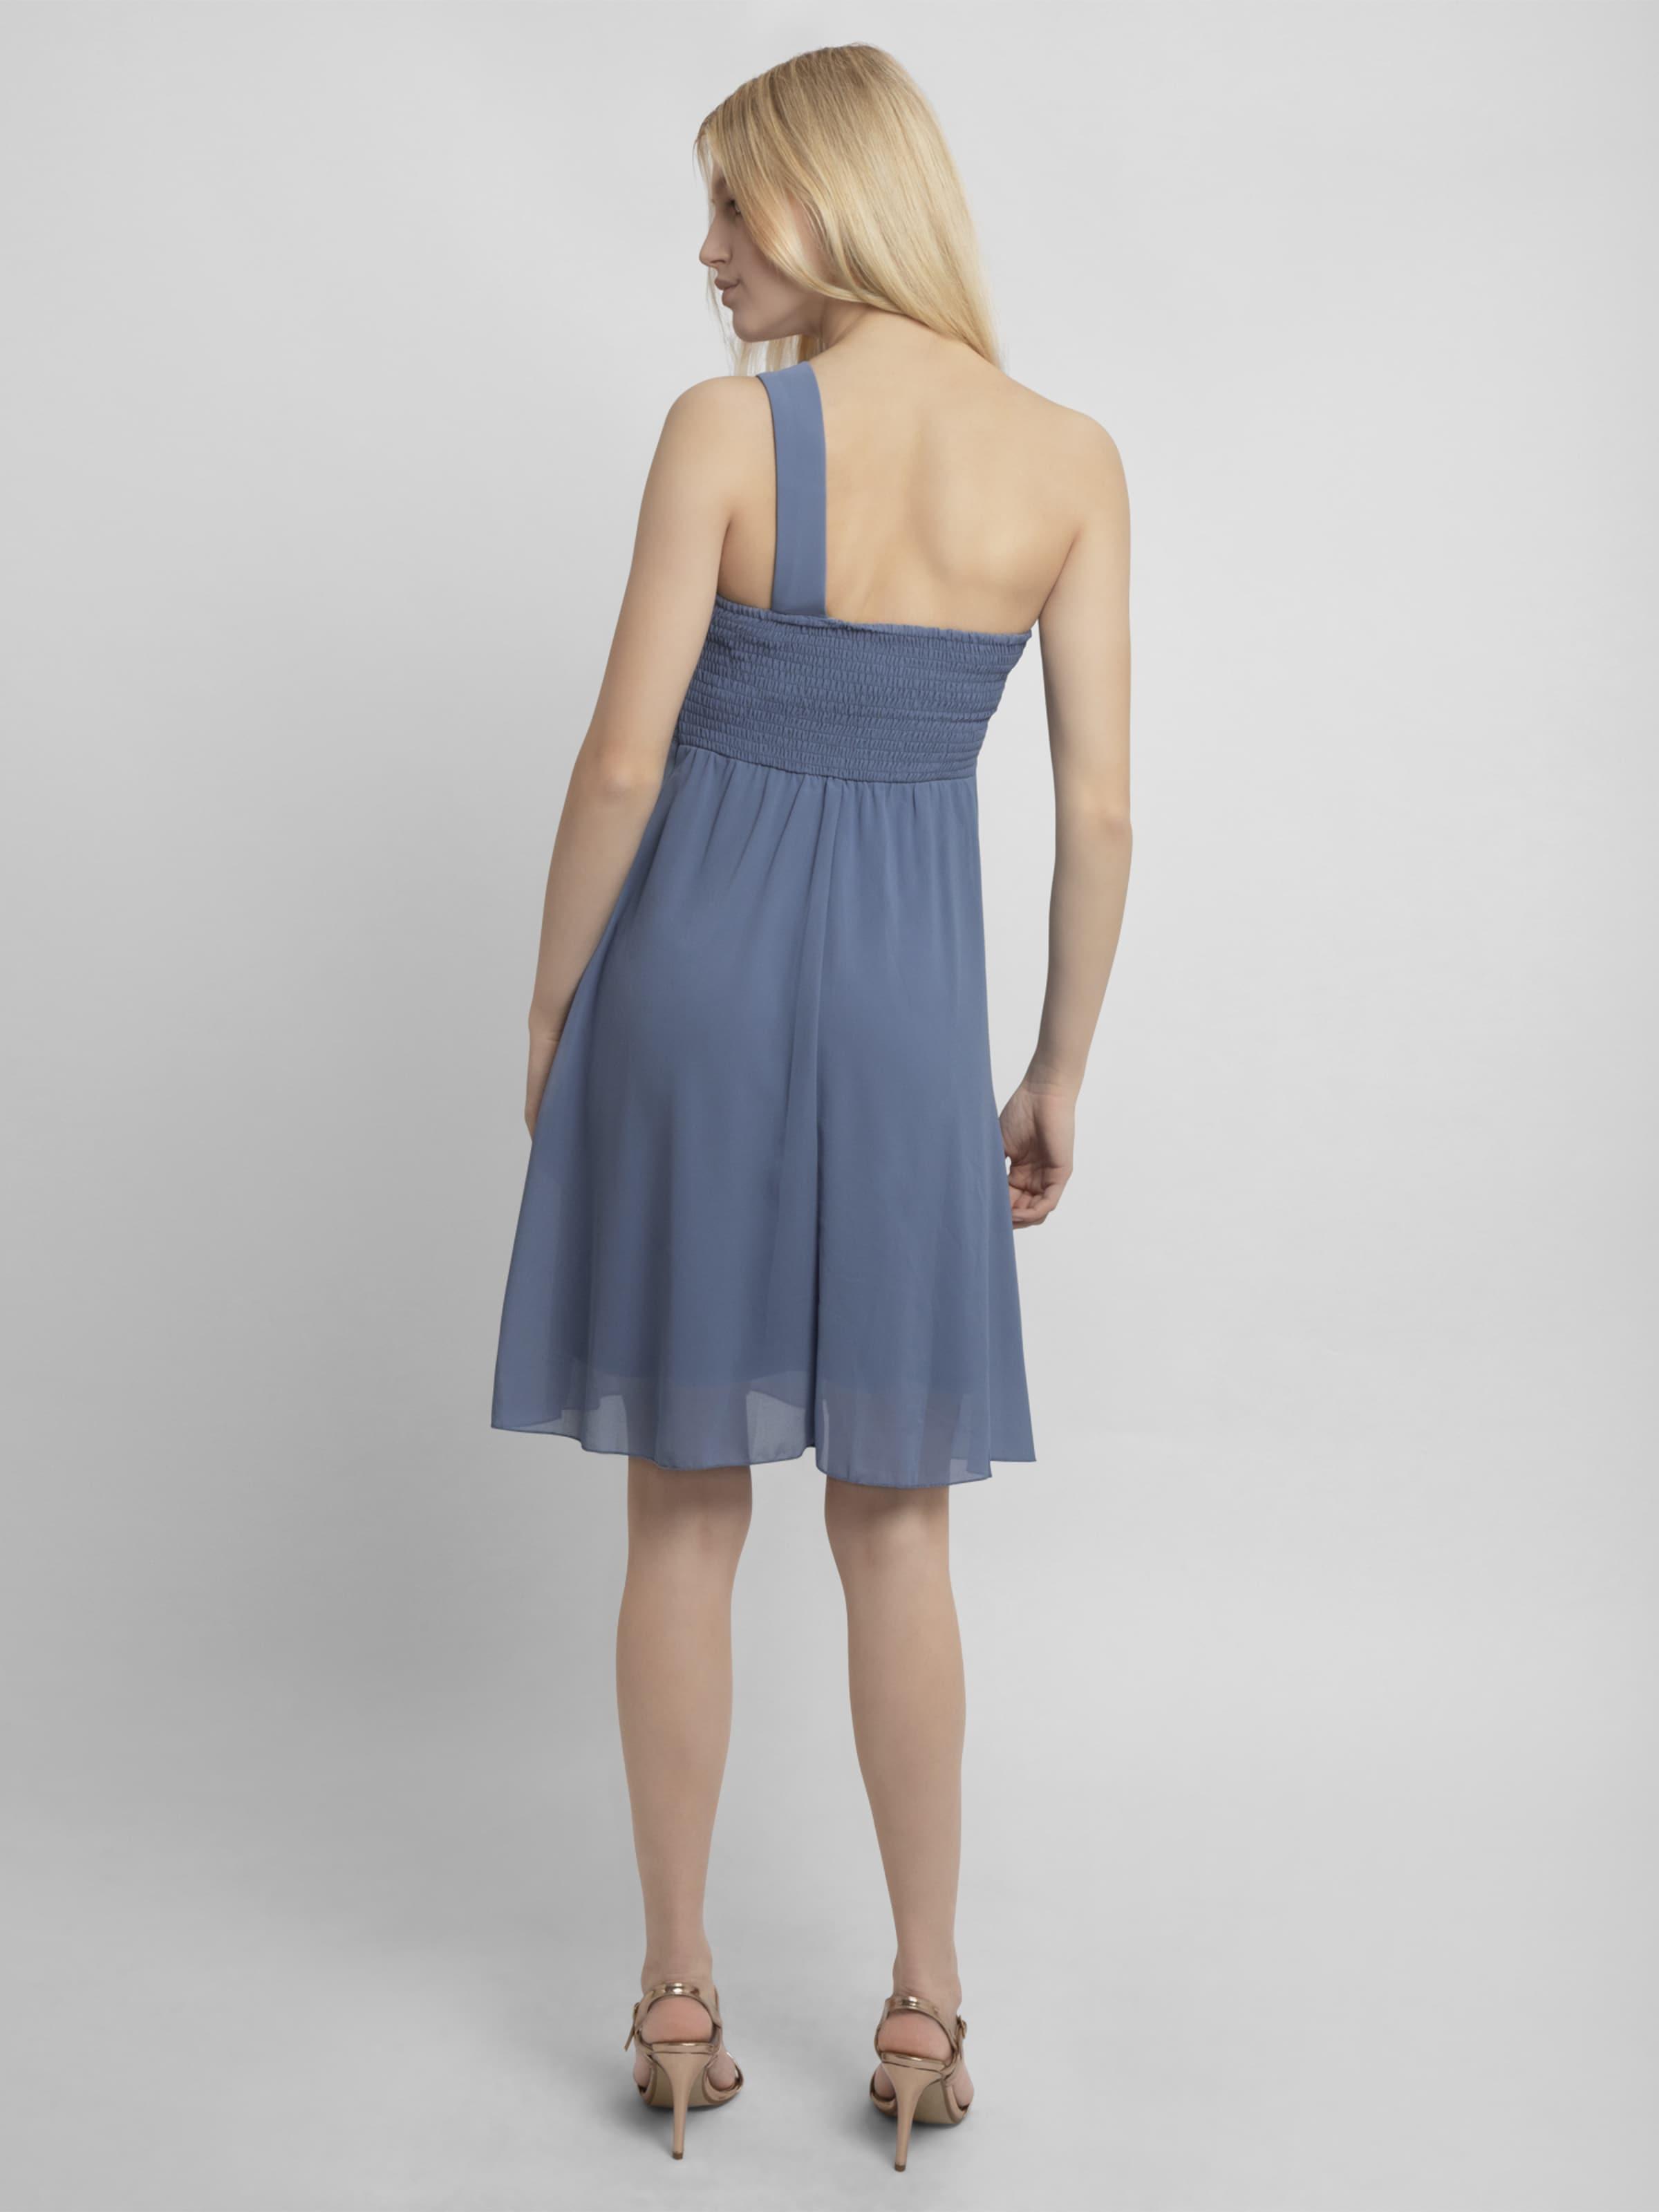 In Apart Blau Kleid Kleid In Blau Apart Apart Kleid vNwOn08m